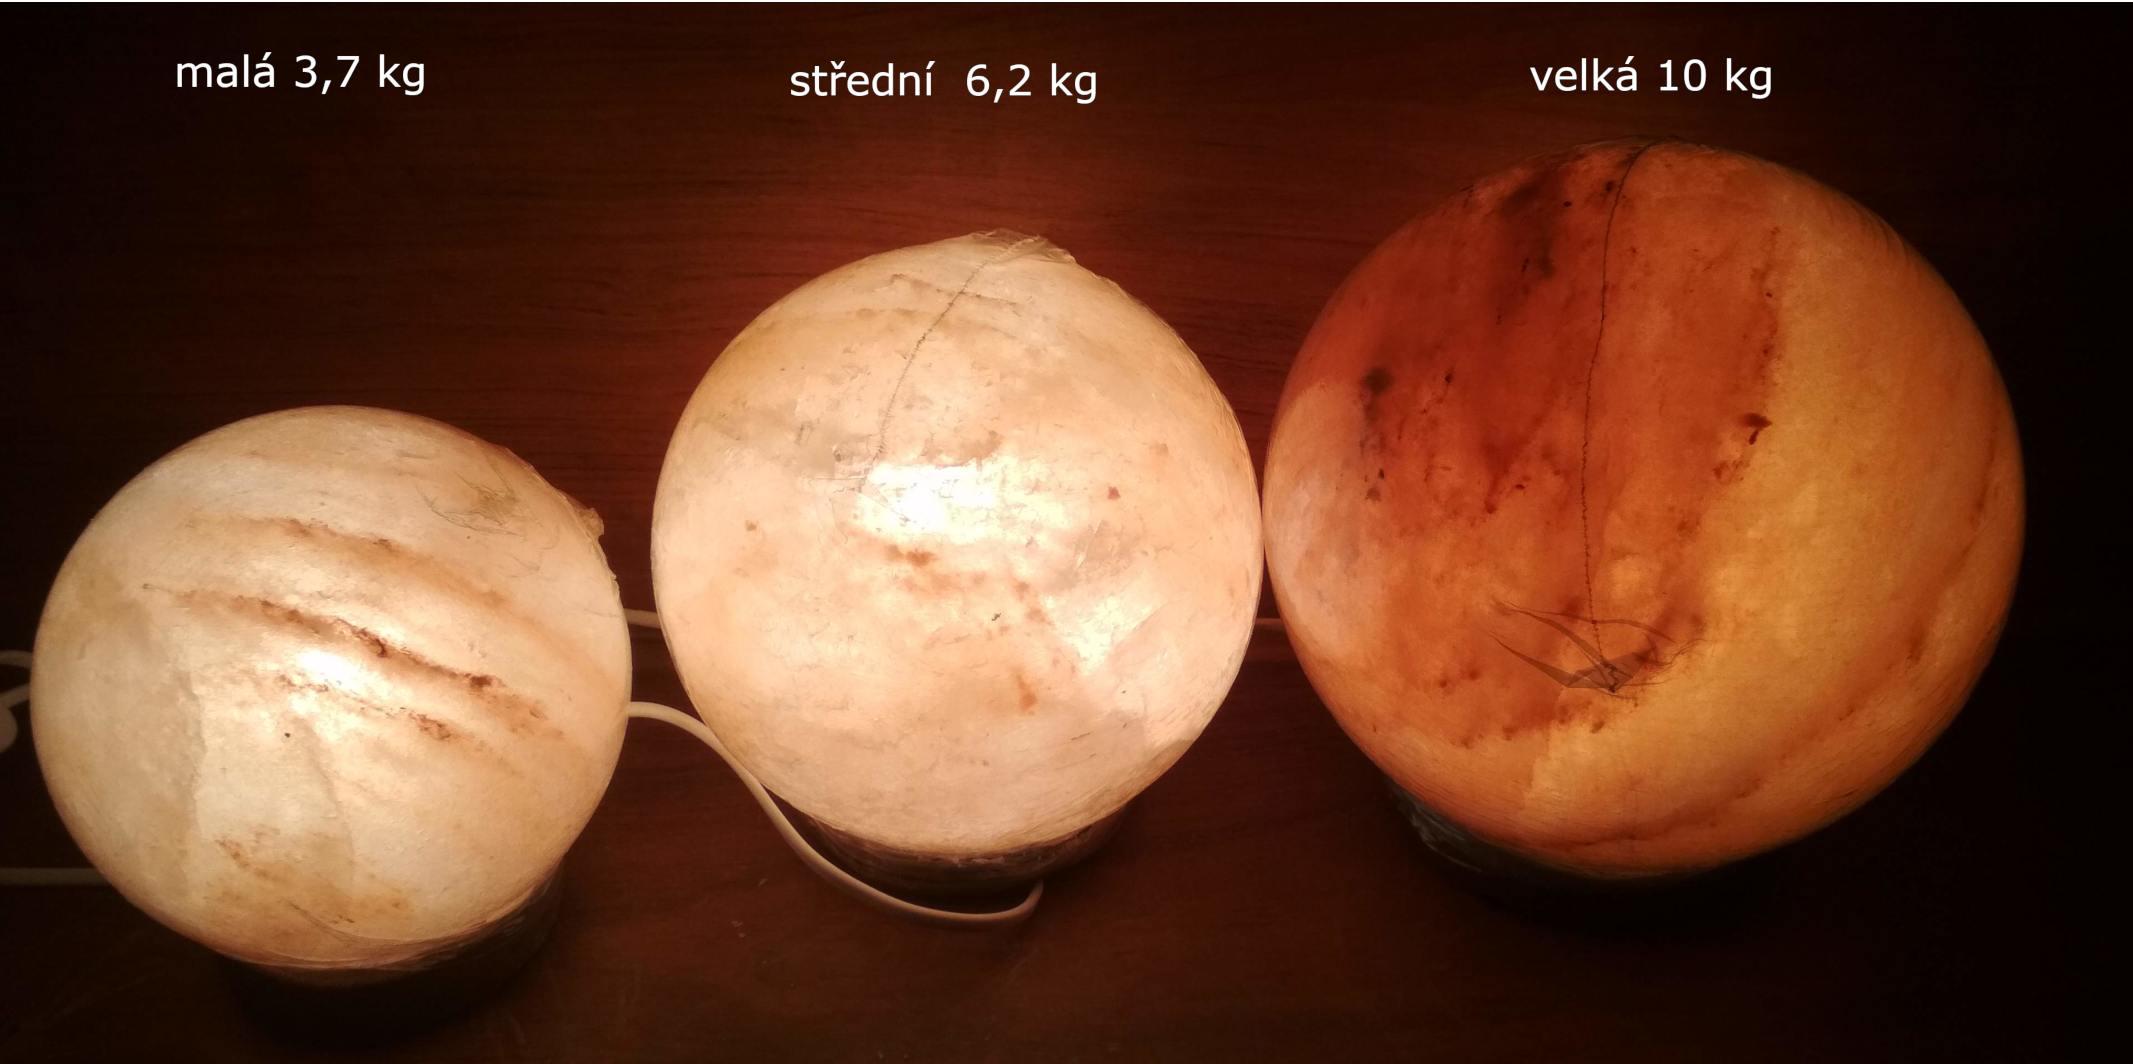 porovnání velikostí solných koulí